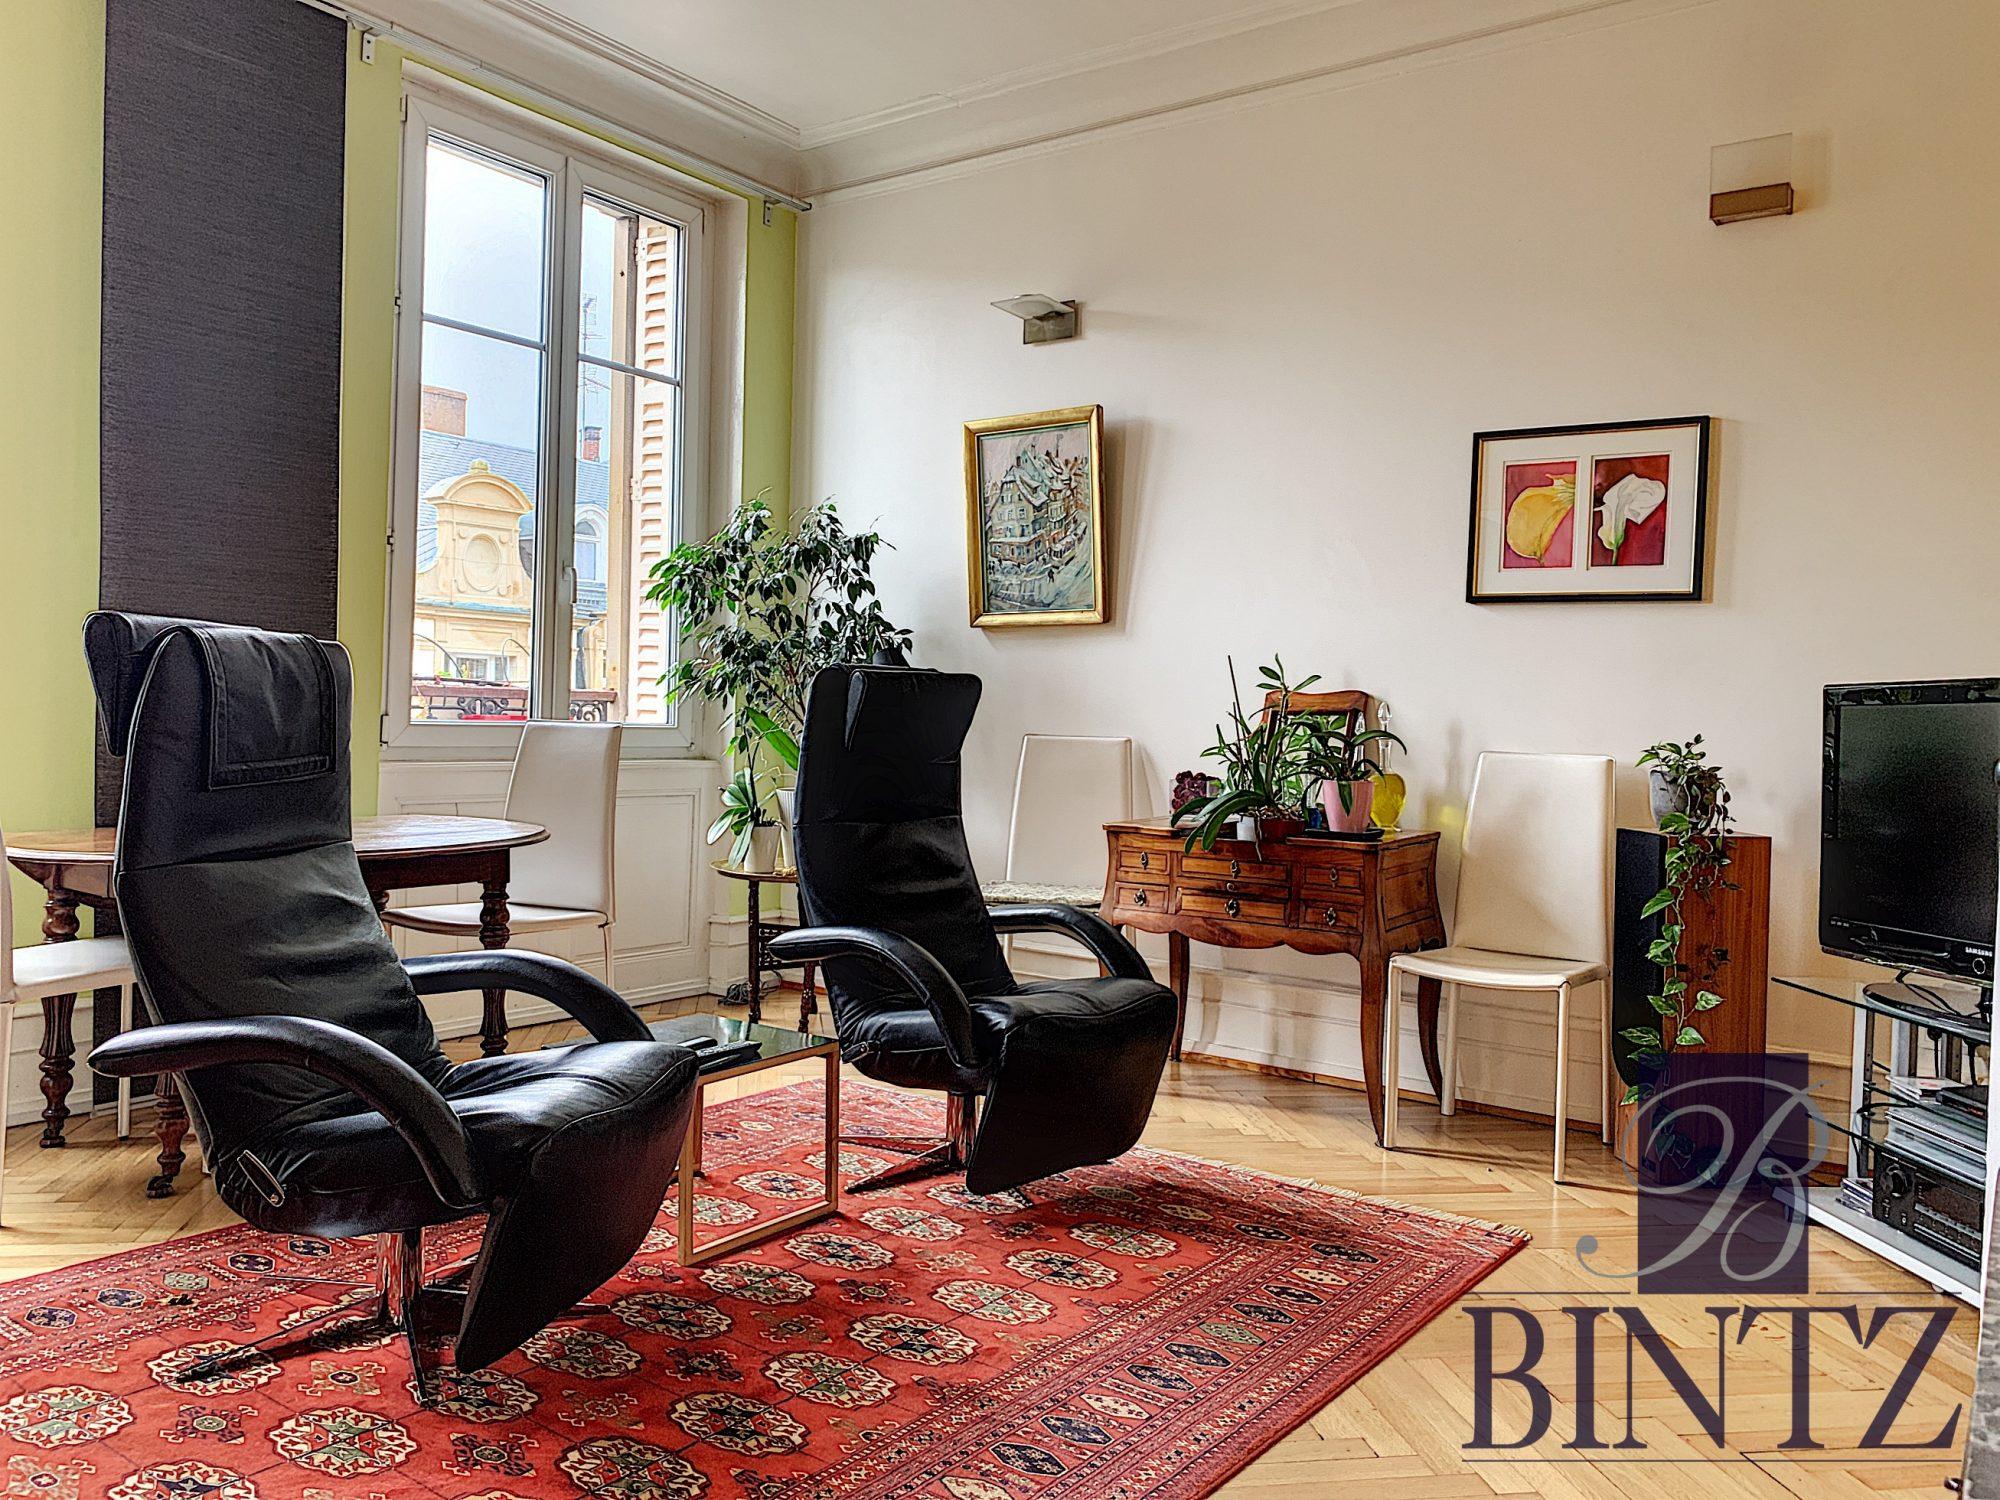 Ensemble de 2 appartements NEUSTADT - Devenez locataire en toute sérénité - Bintz Immobilier - 1